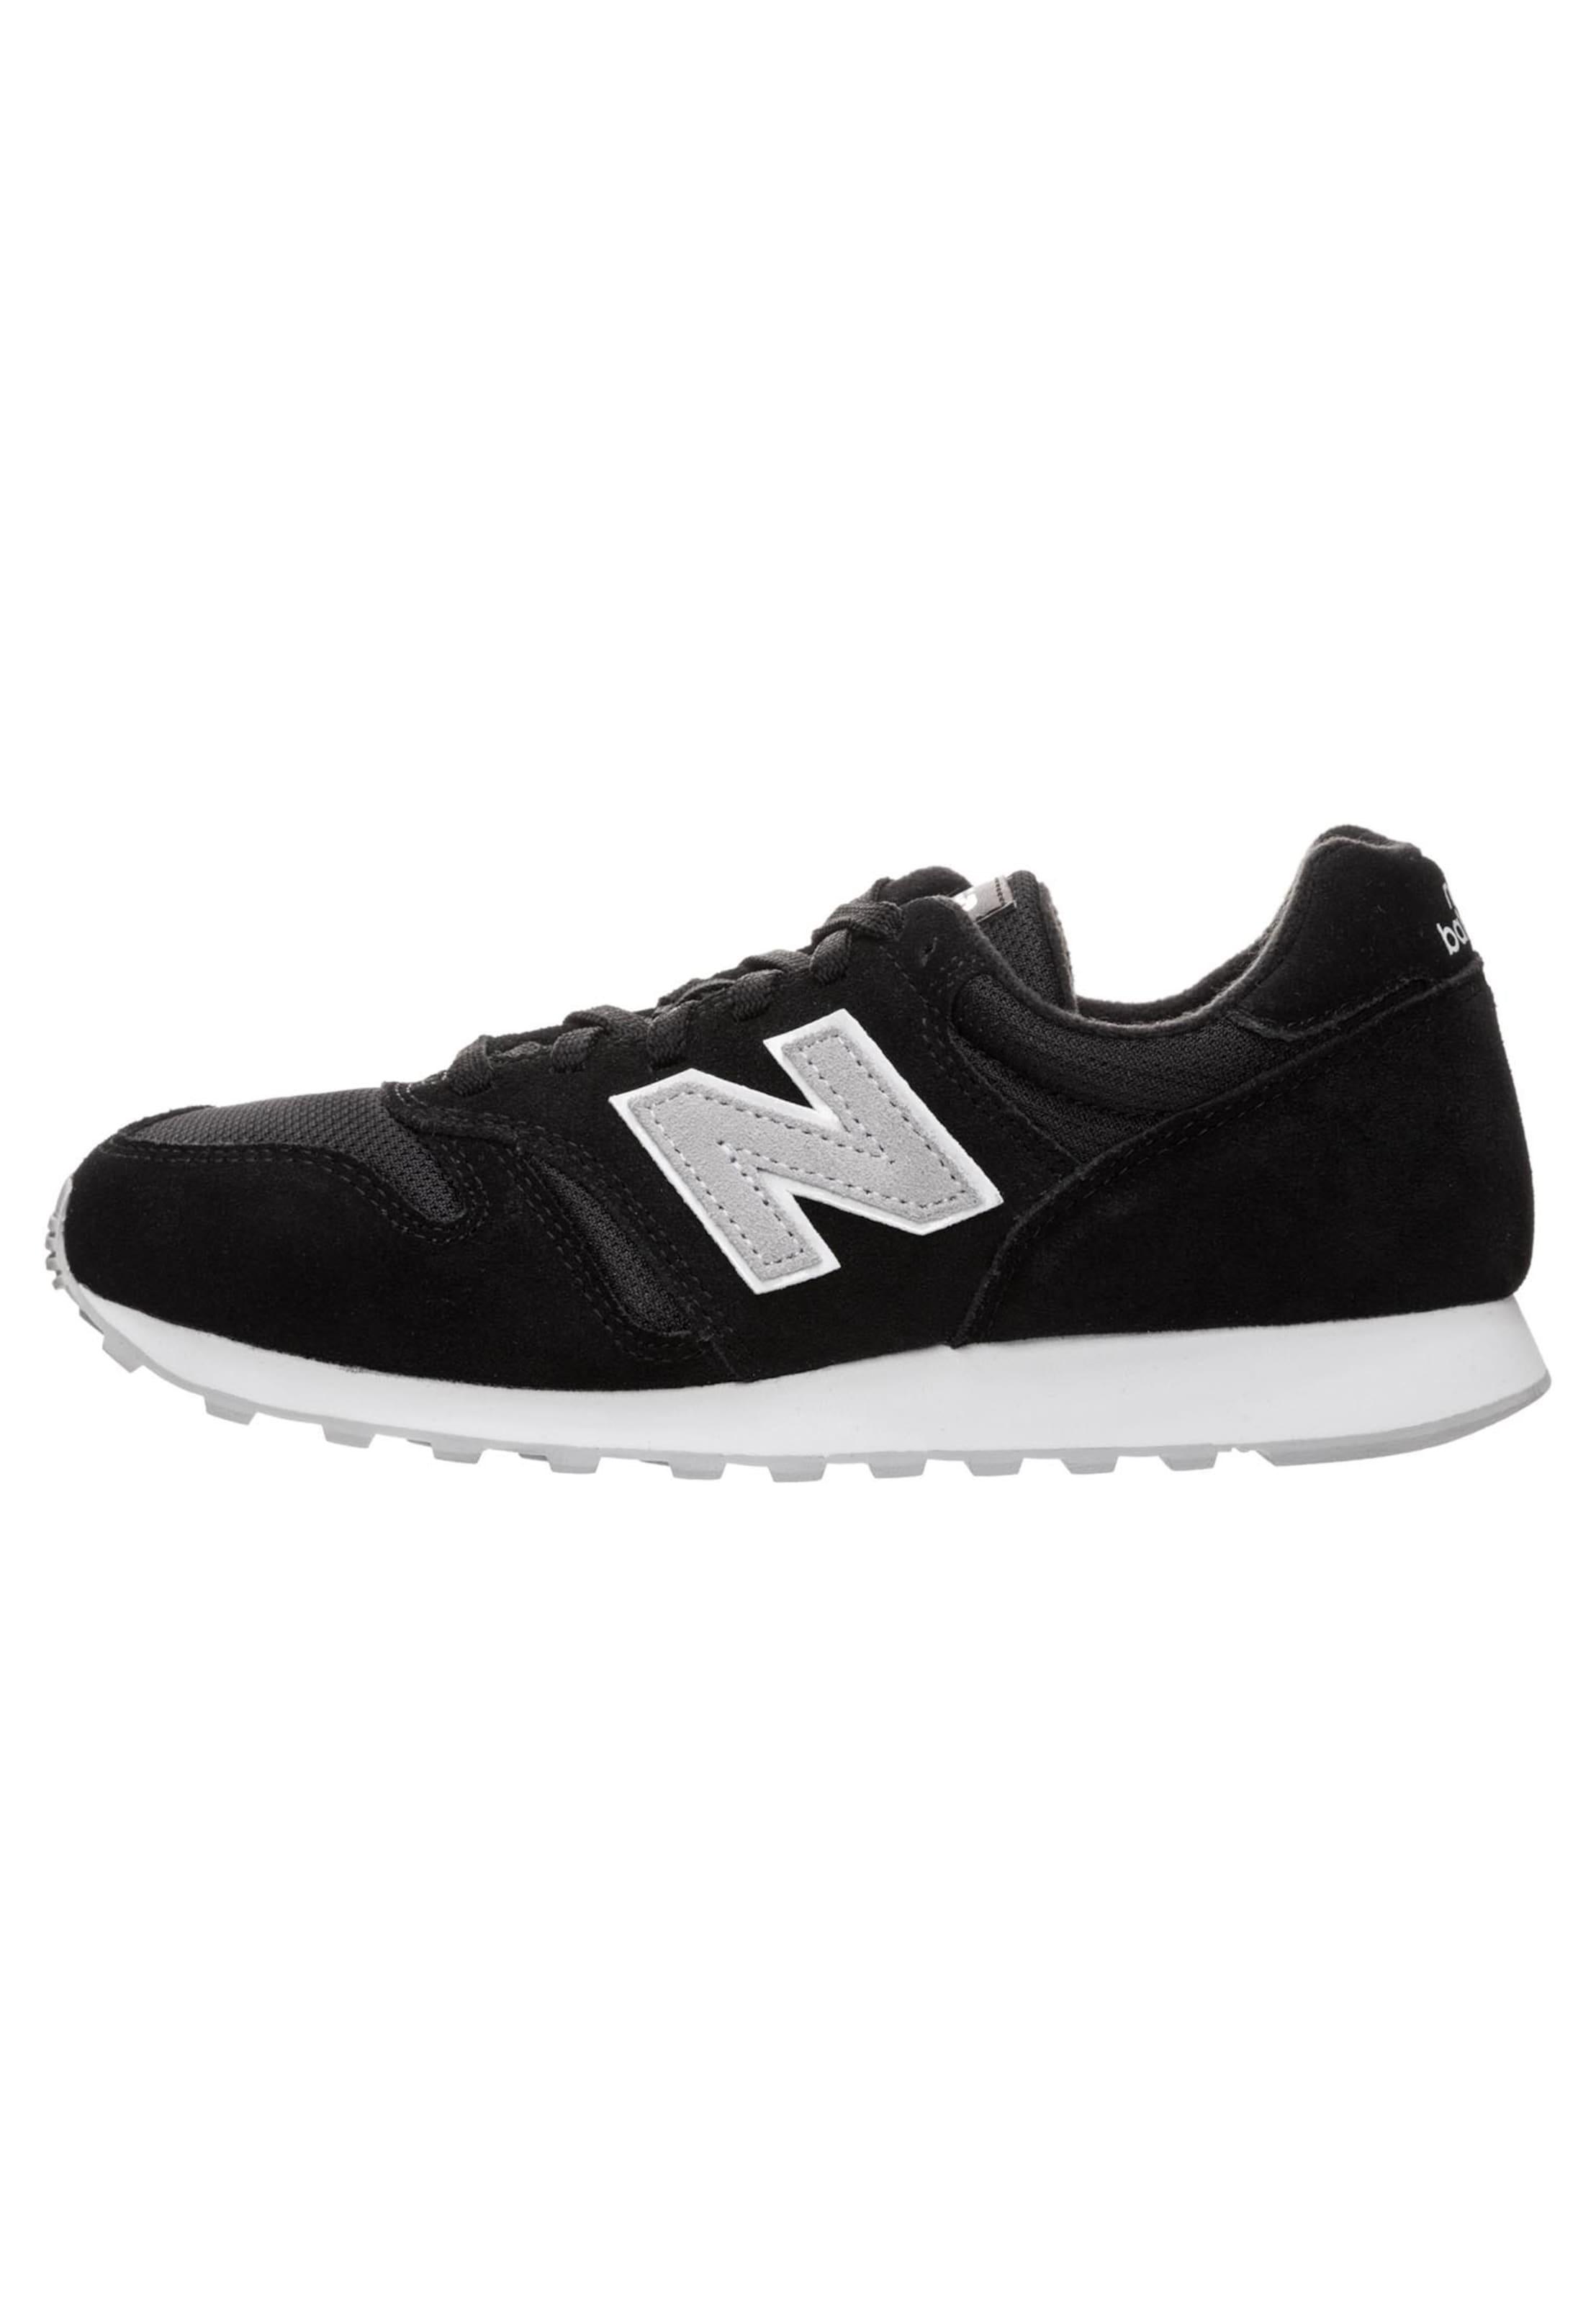 'wl373' SchwarzWeiß In Sneaker New Balance kiuTOwPXZ